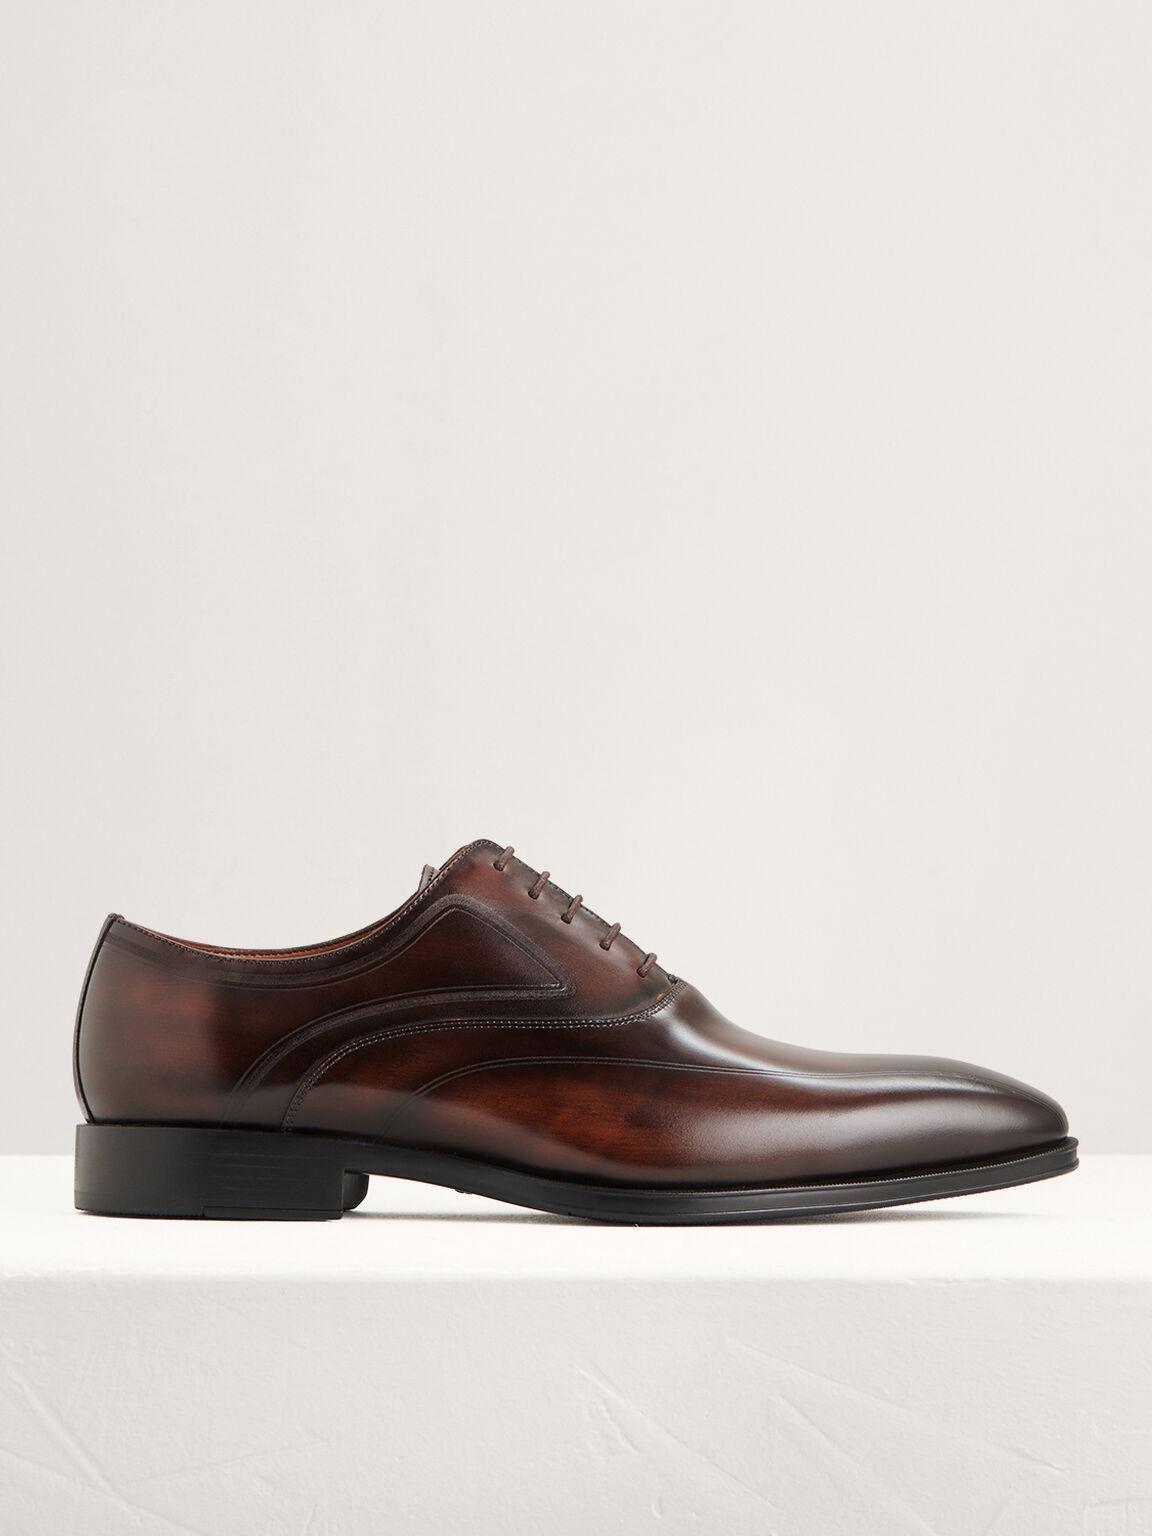 Burnished Leather Oxfords, Light Brown, hi-res